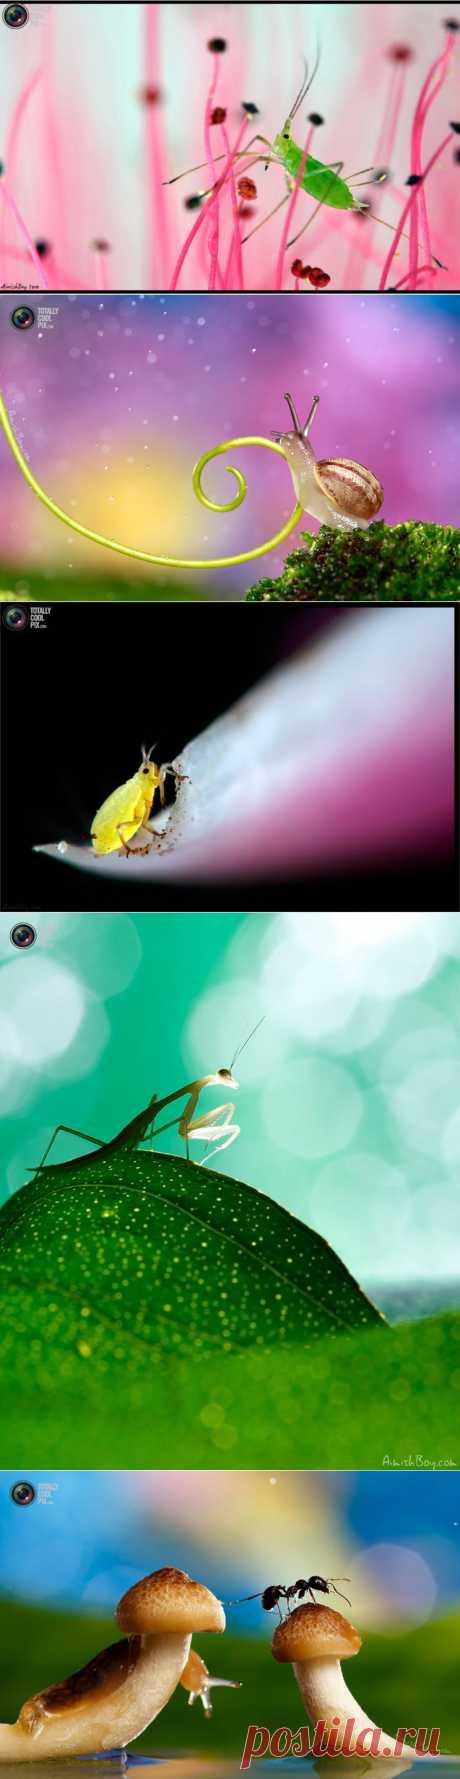 Удивительная макрофотография неожиданно гламурные насекомые и многое другое : НОВОСТИ В ФОТОГРАФИЯХ